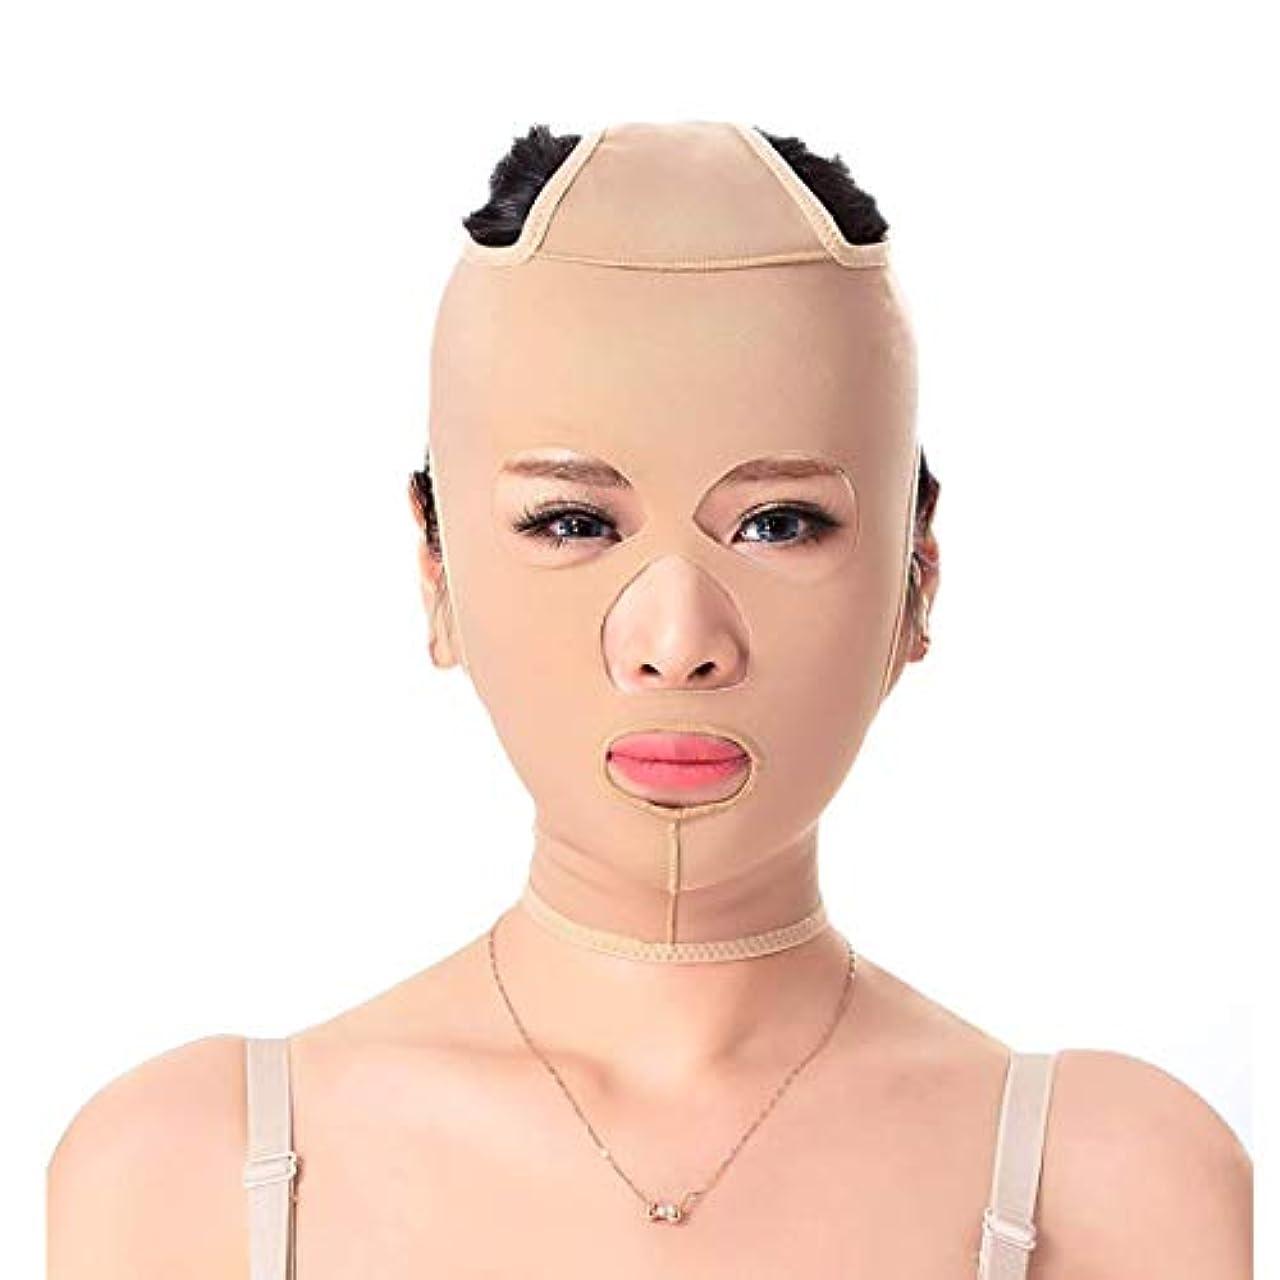 適合するペチコート公園スリミングベルト、二重あごの引き締め顔面プラスチック顔アーティファクト強力な顔の包帯を脇に持ち上げるパターンを欺くためのフェイシャルマスク薄いフェイスマスク(サイズ:XXL),M